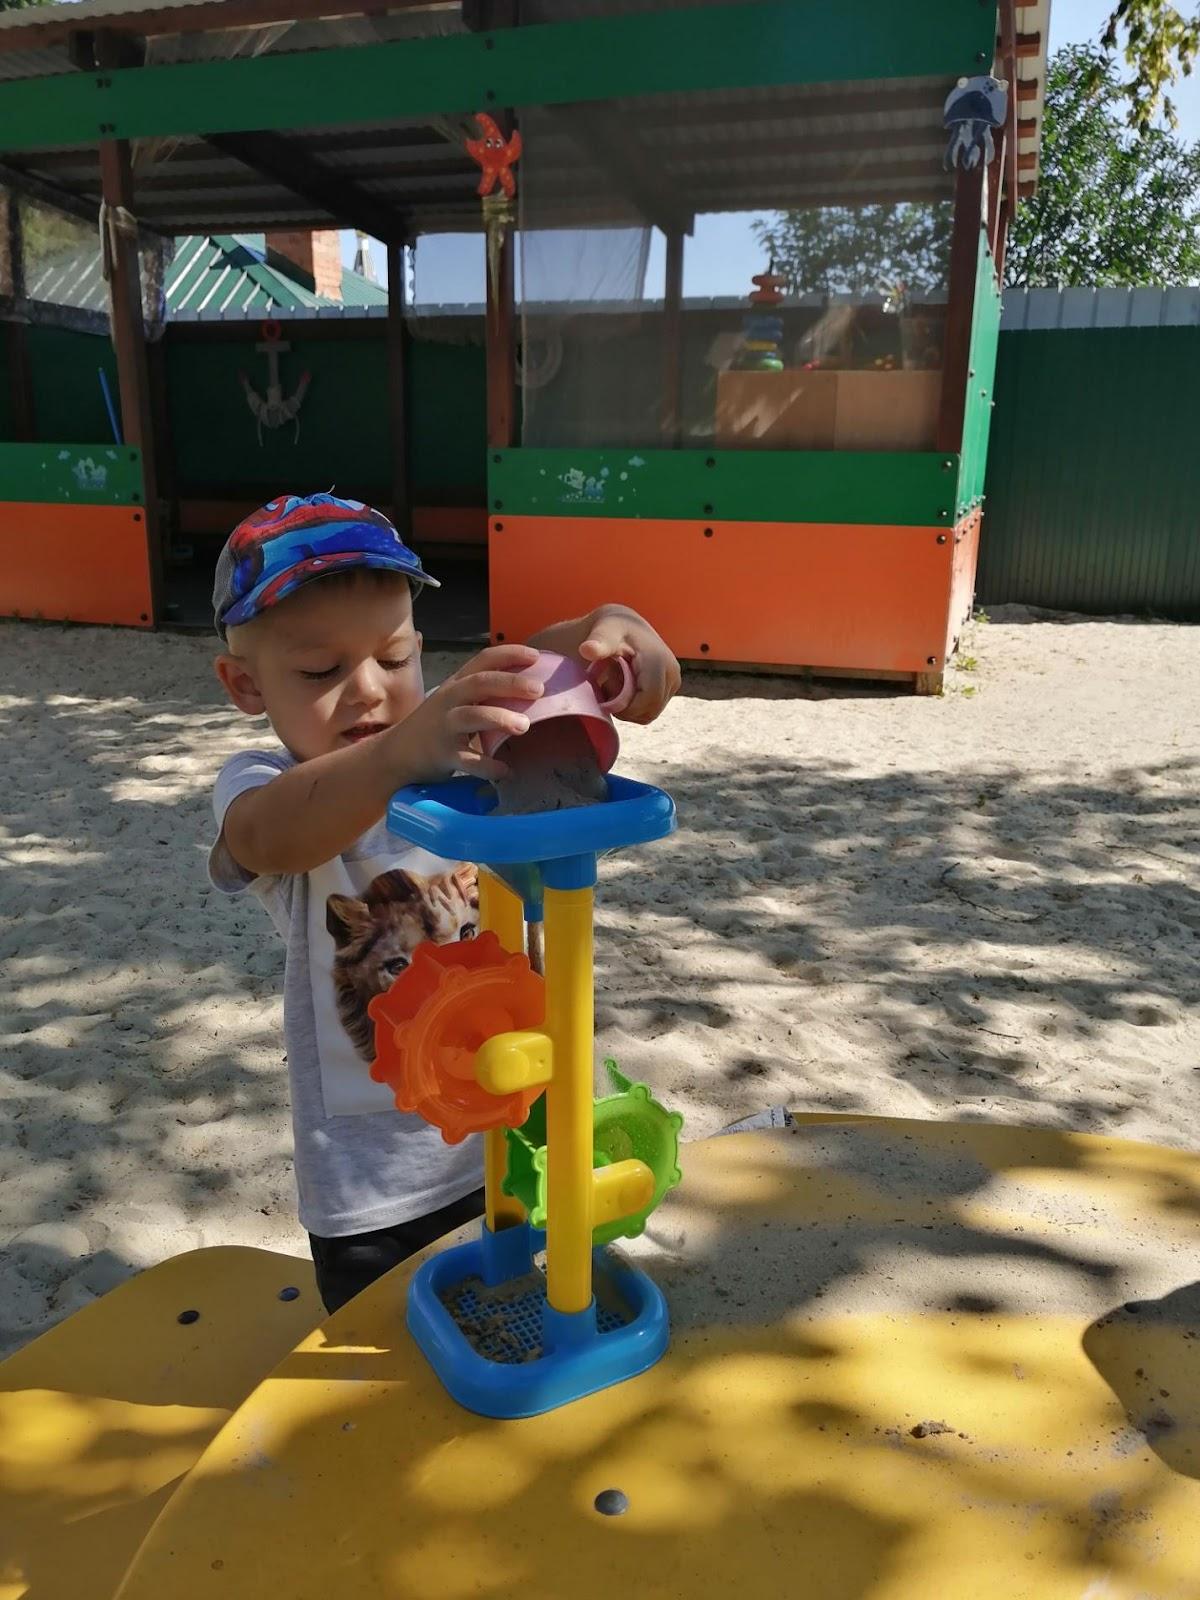 F:\новость 1 гр знайки «Влияния игр в песок на детей младшего возраста»\IMG_20200717_101851.jpg